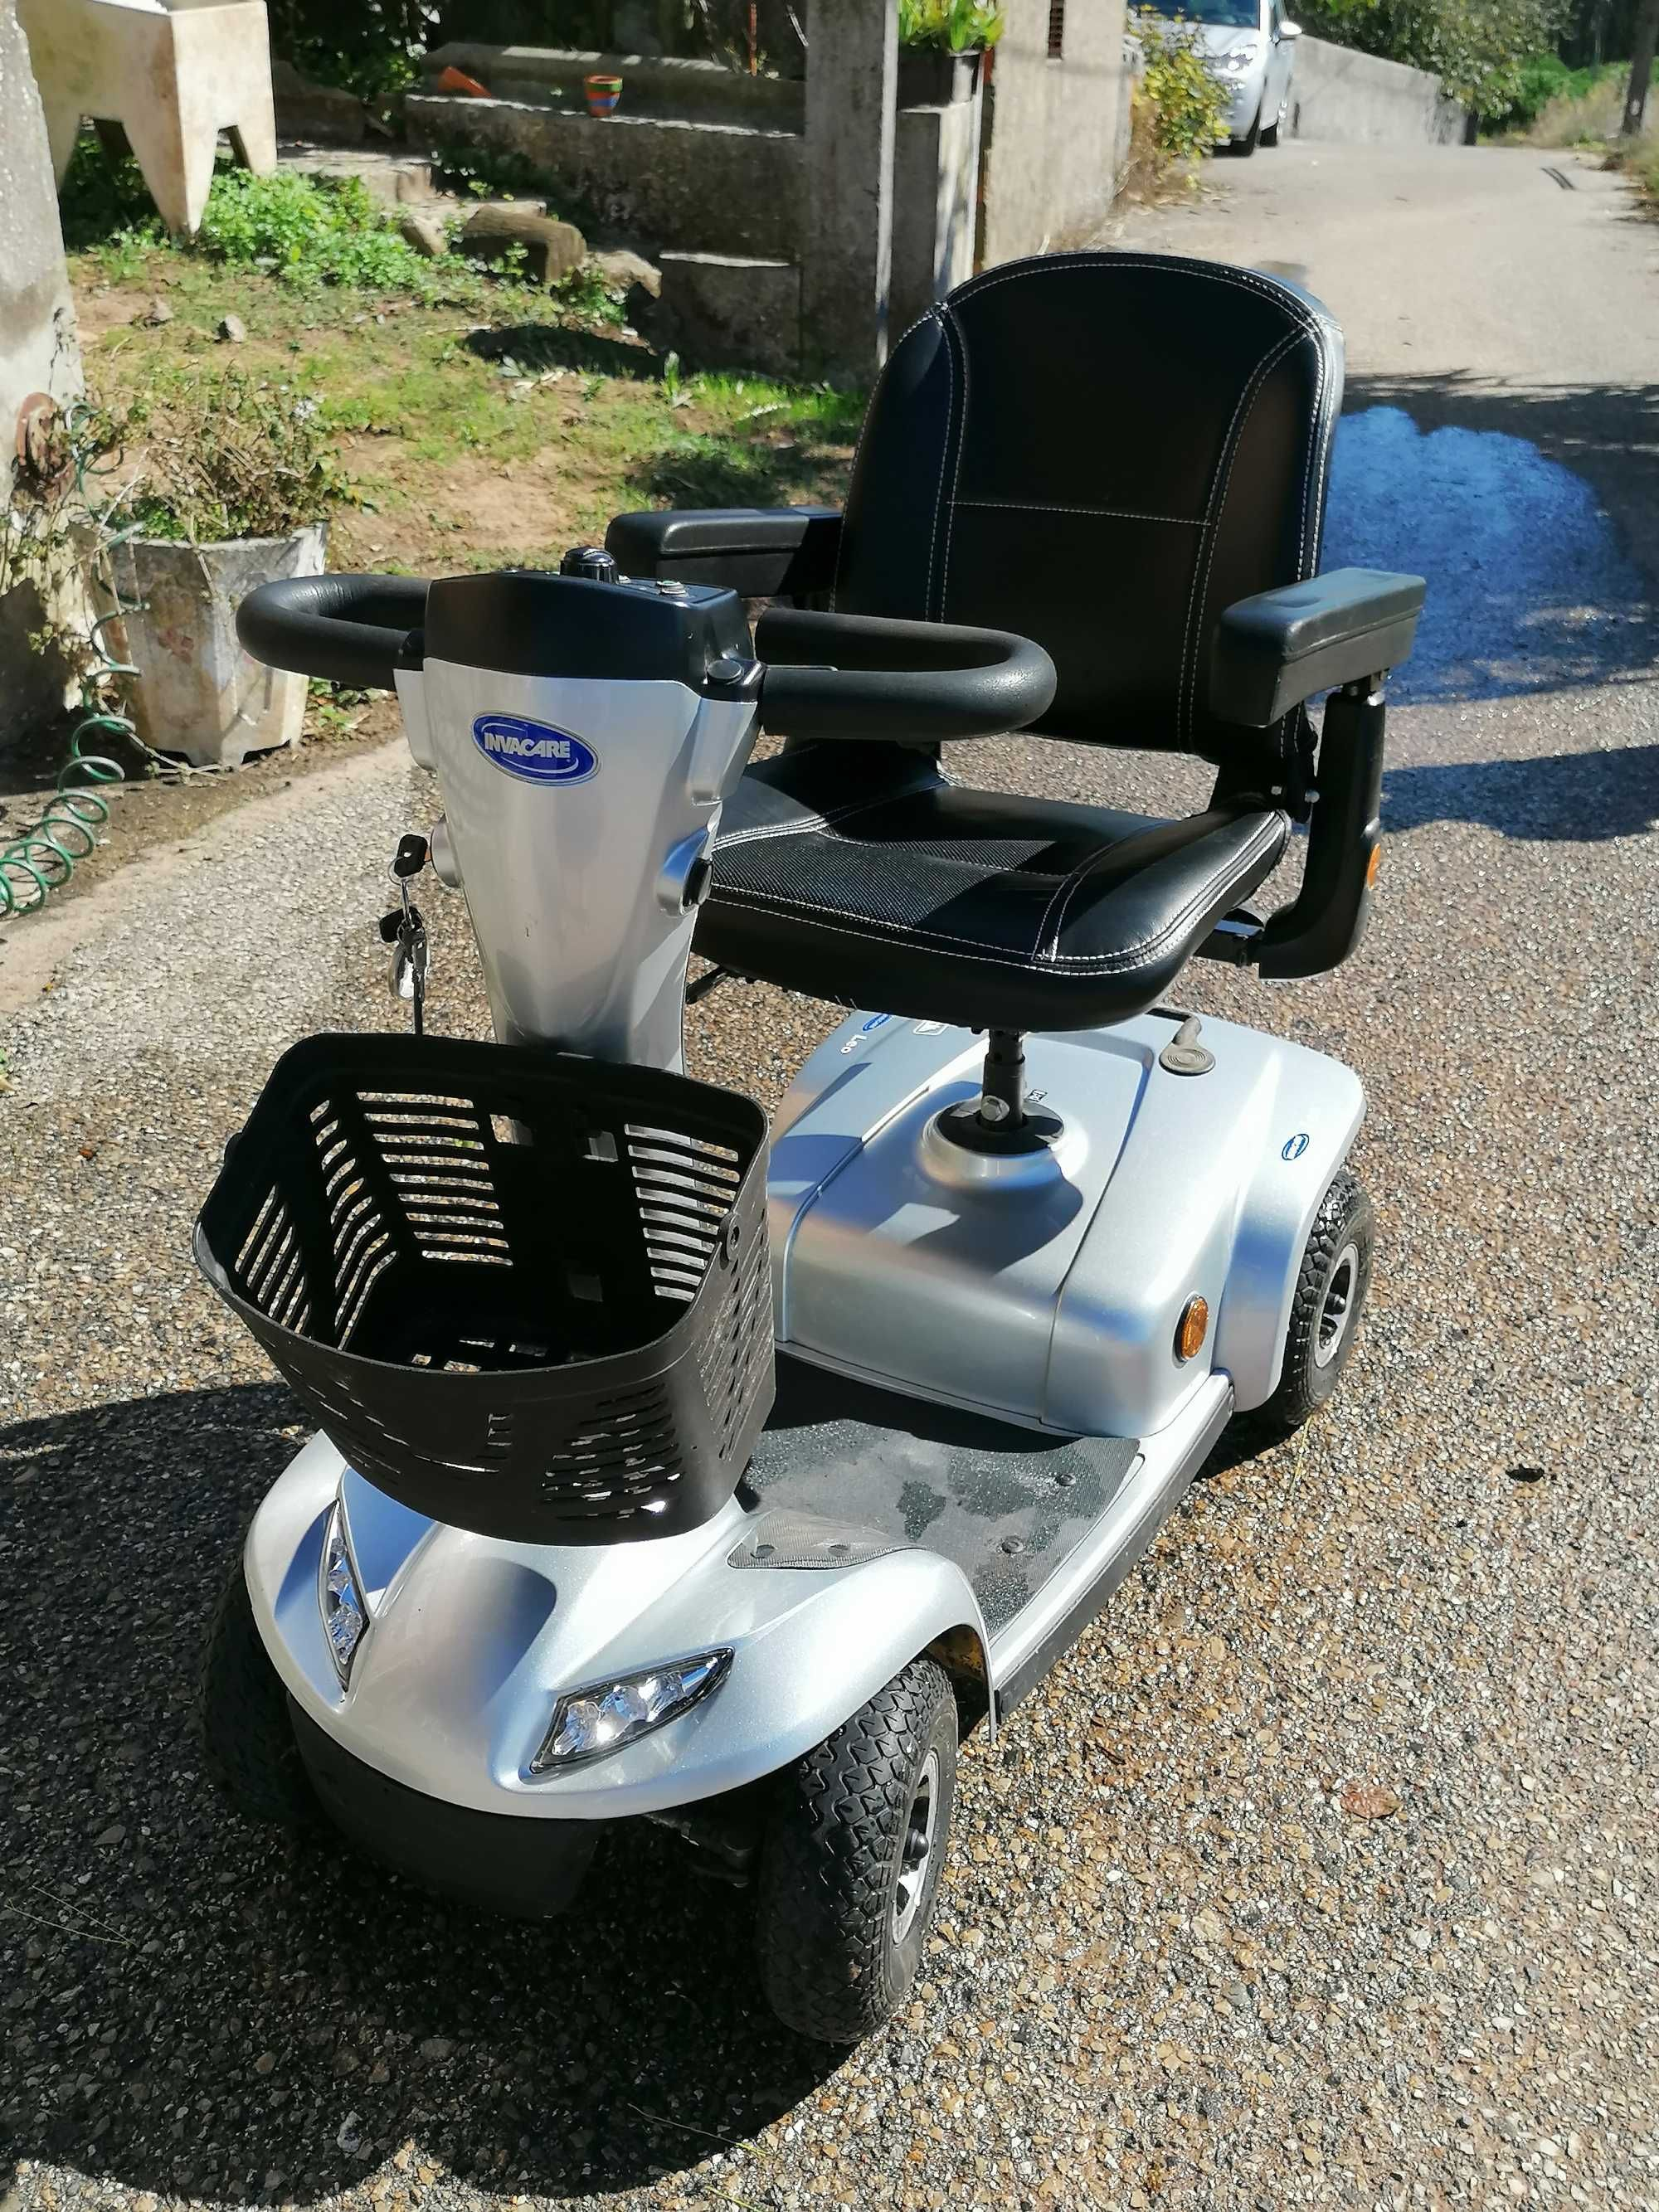 Scooter eléctrica de mobilidade reduzida, muito bem estimada!